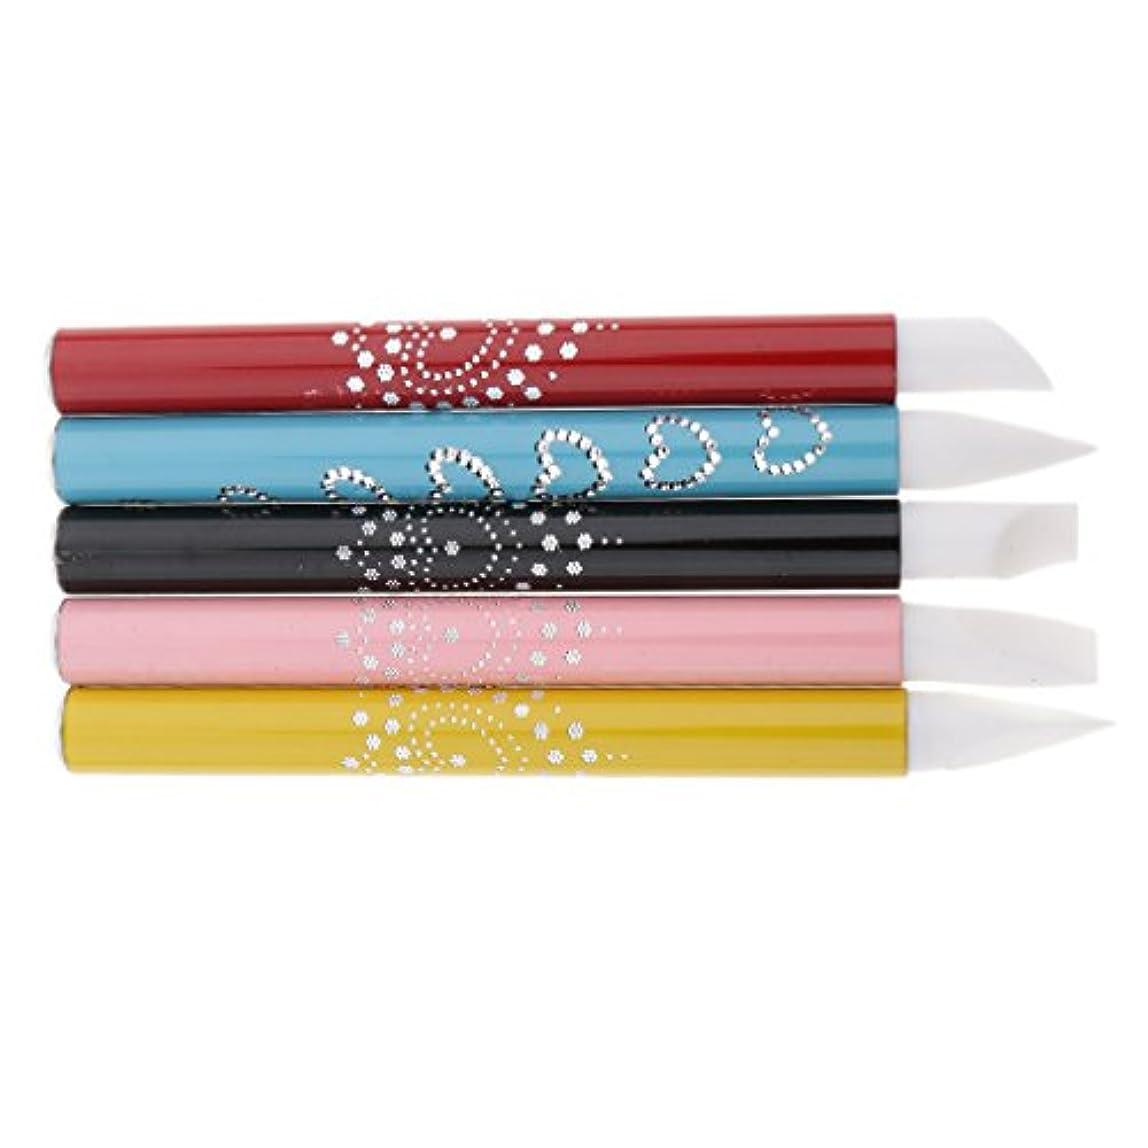 先生スペルマトロン5個 ネイルアート ネイルペン ネイルブラシ シリコンチップ ブラシチップ 彫刻ペン アルミハンドル 繊細なデザイン プレゼント